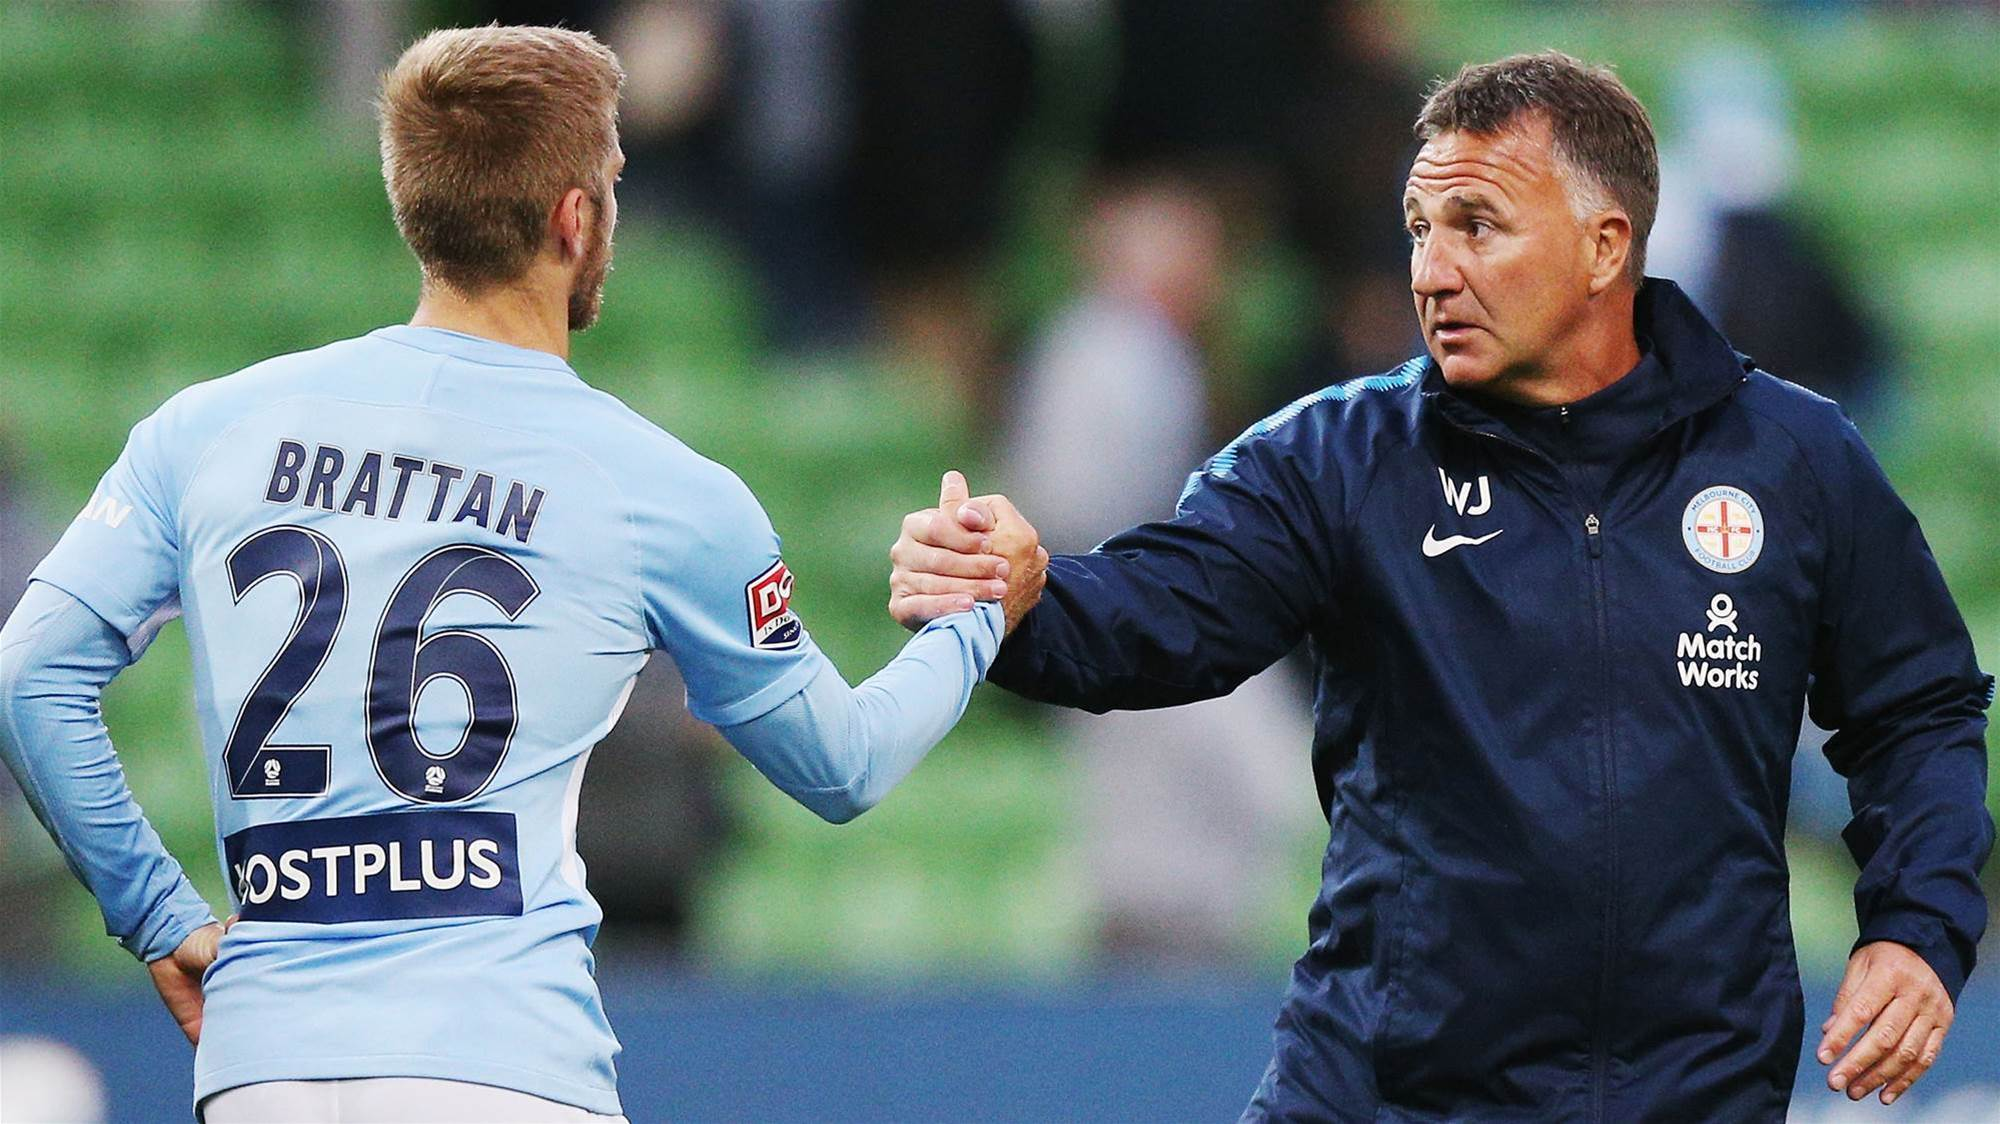 Luke Brattan talks gaffer banter and weight loss